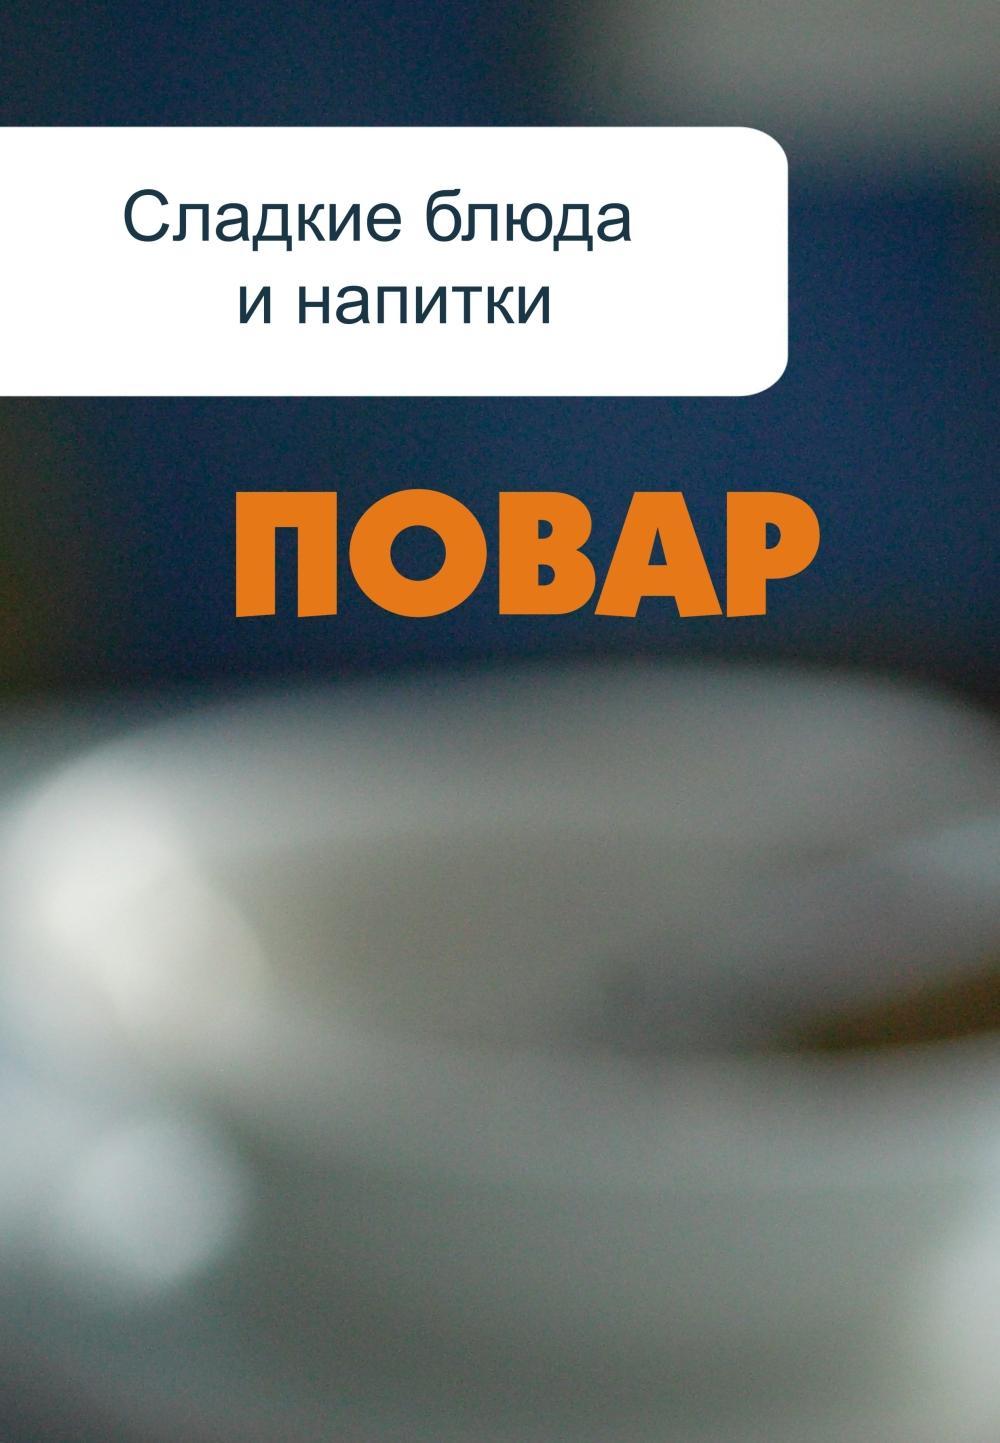 Илья Мельников Сладкие блюда и напитки цены онлайн